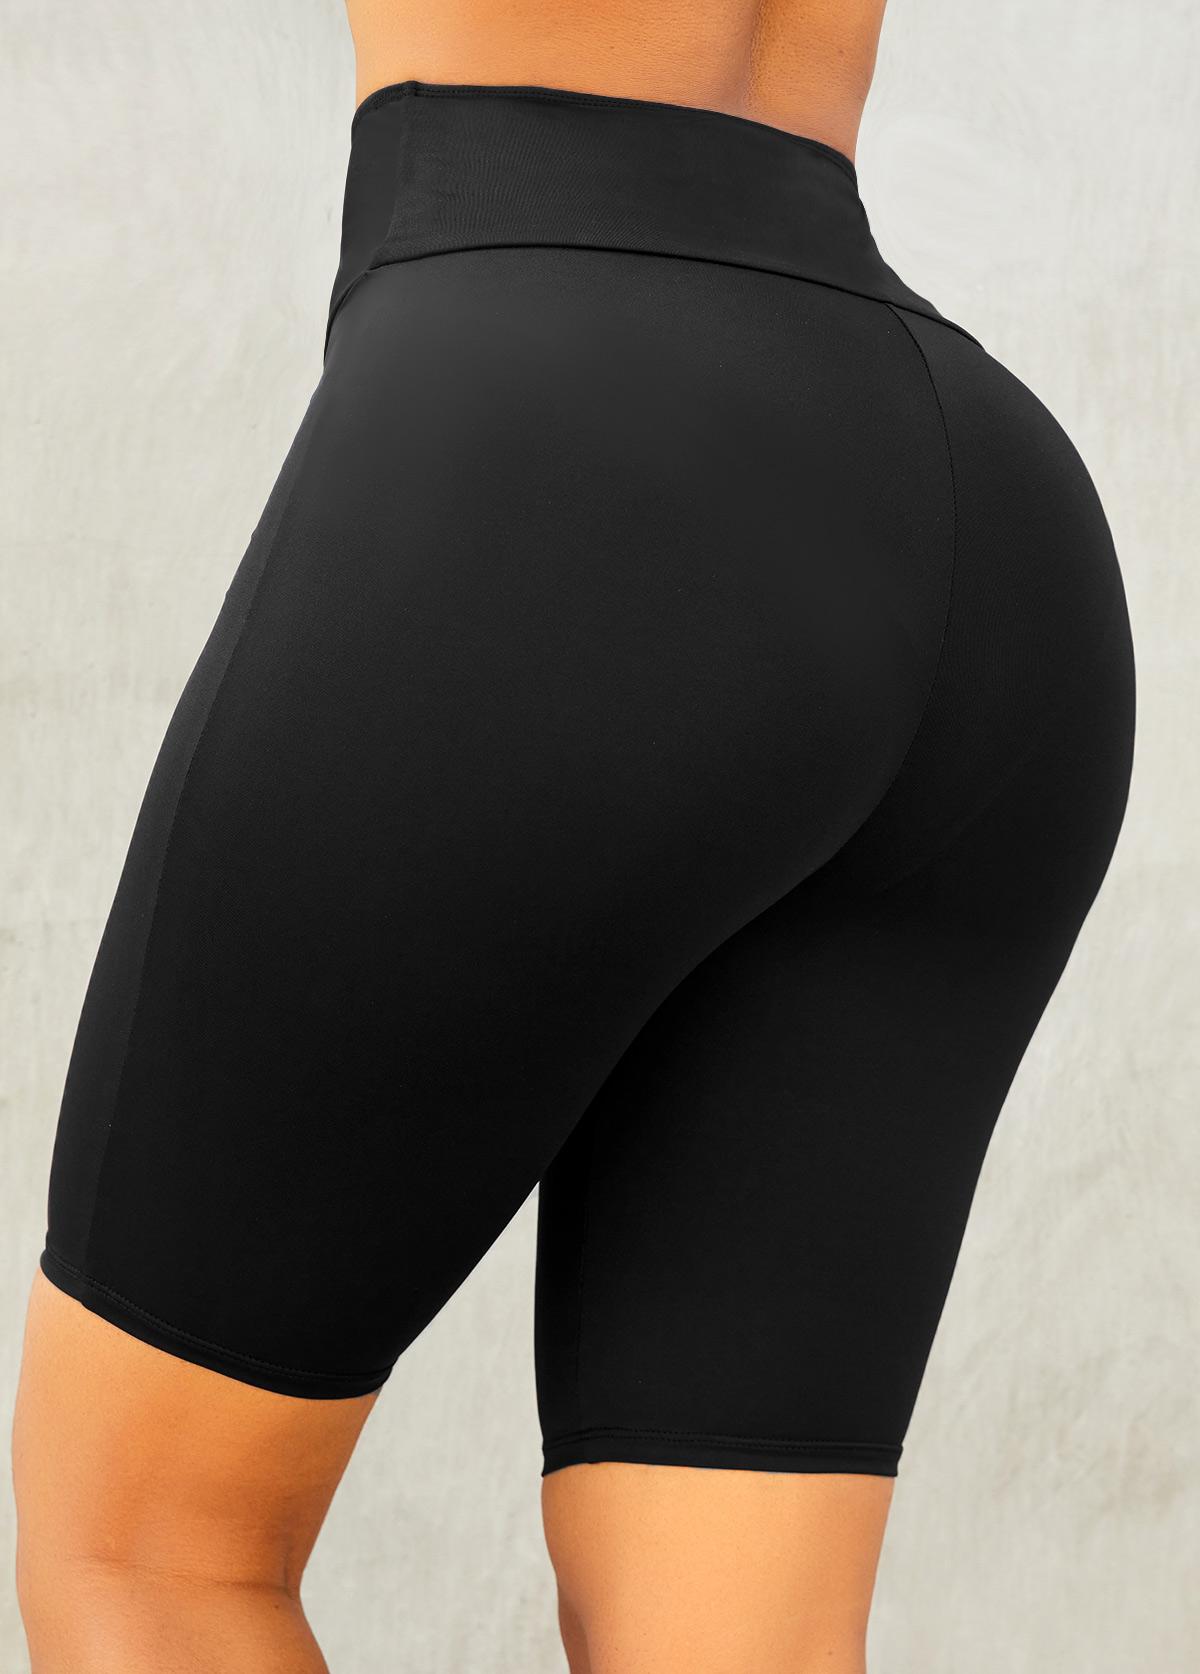 Elastic Detail High Waisted Black Skinny Legging